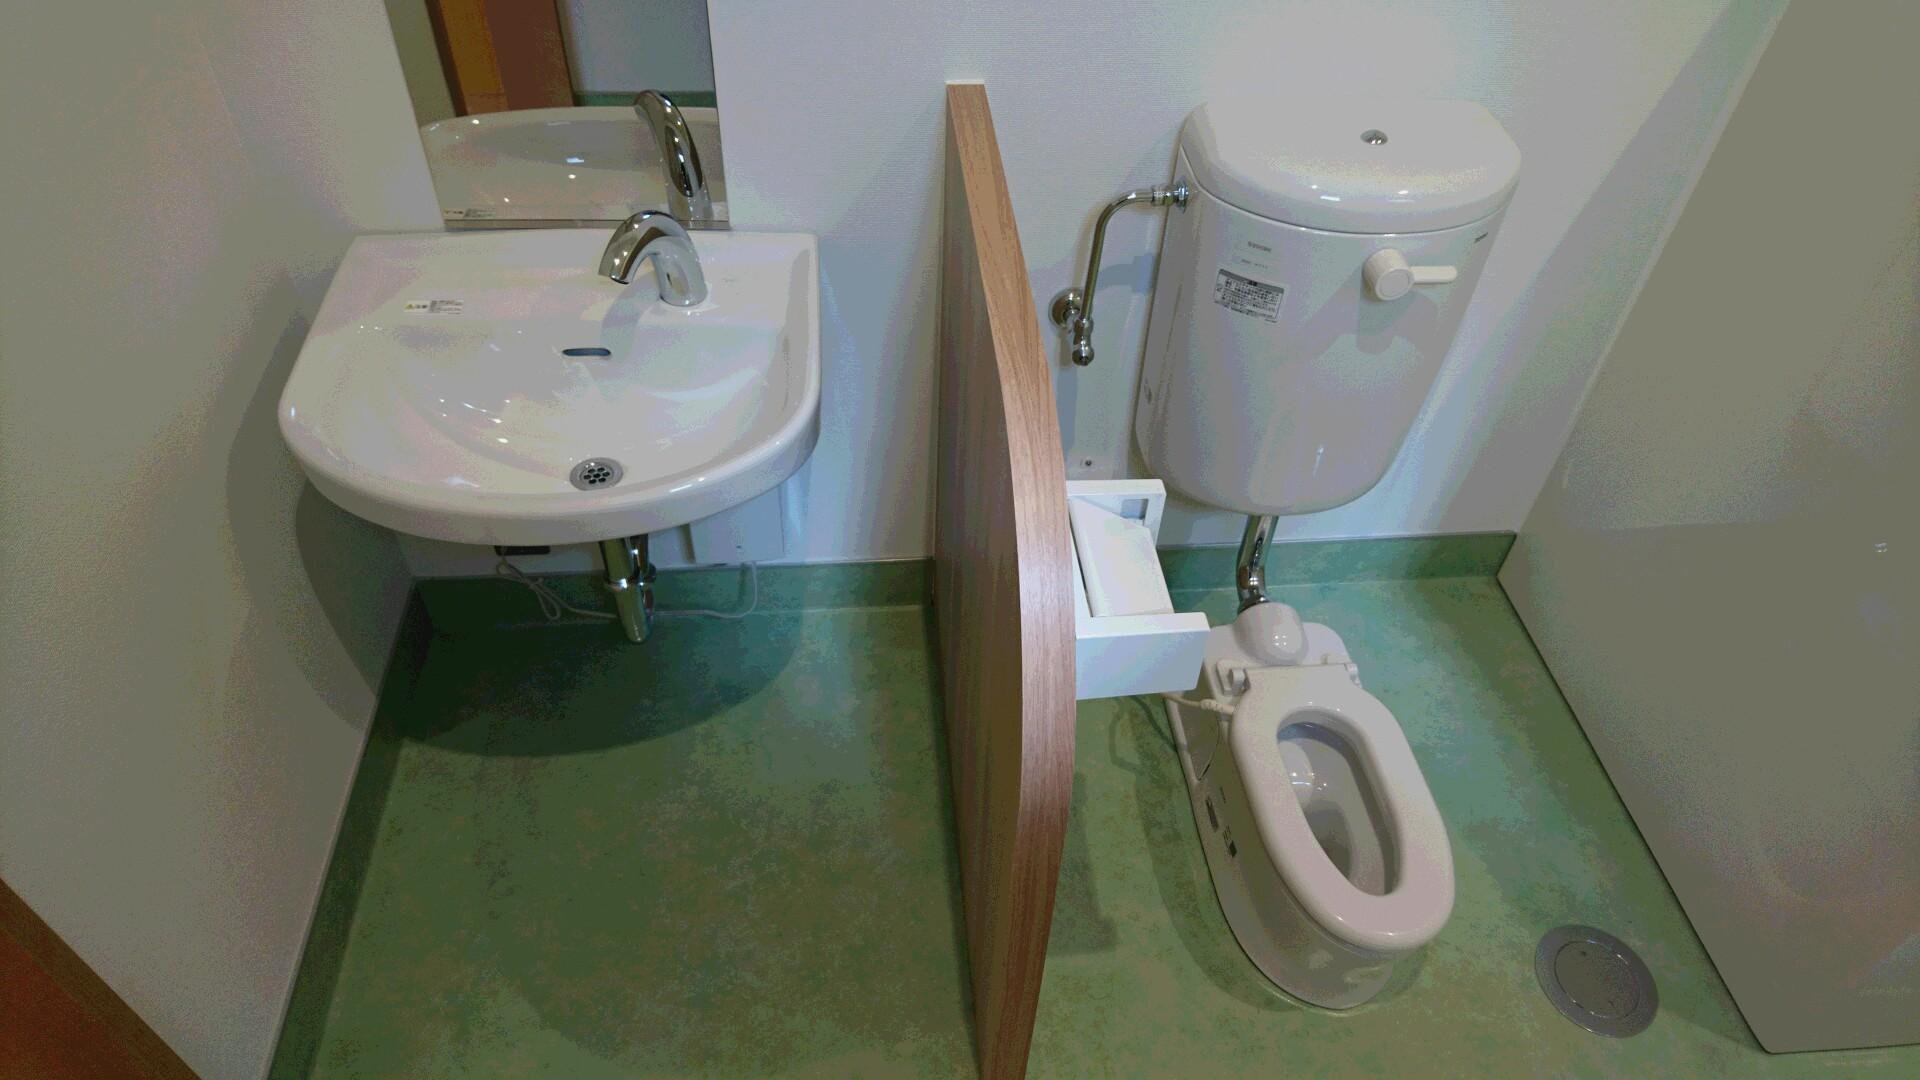 療育室に設置されている幼児用トイレ